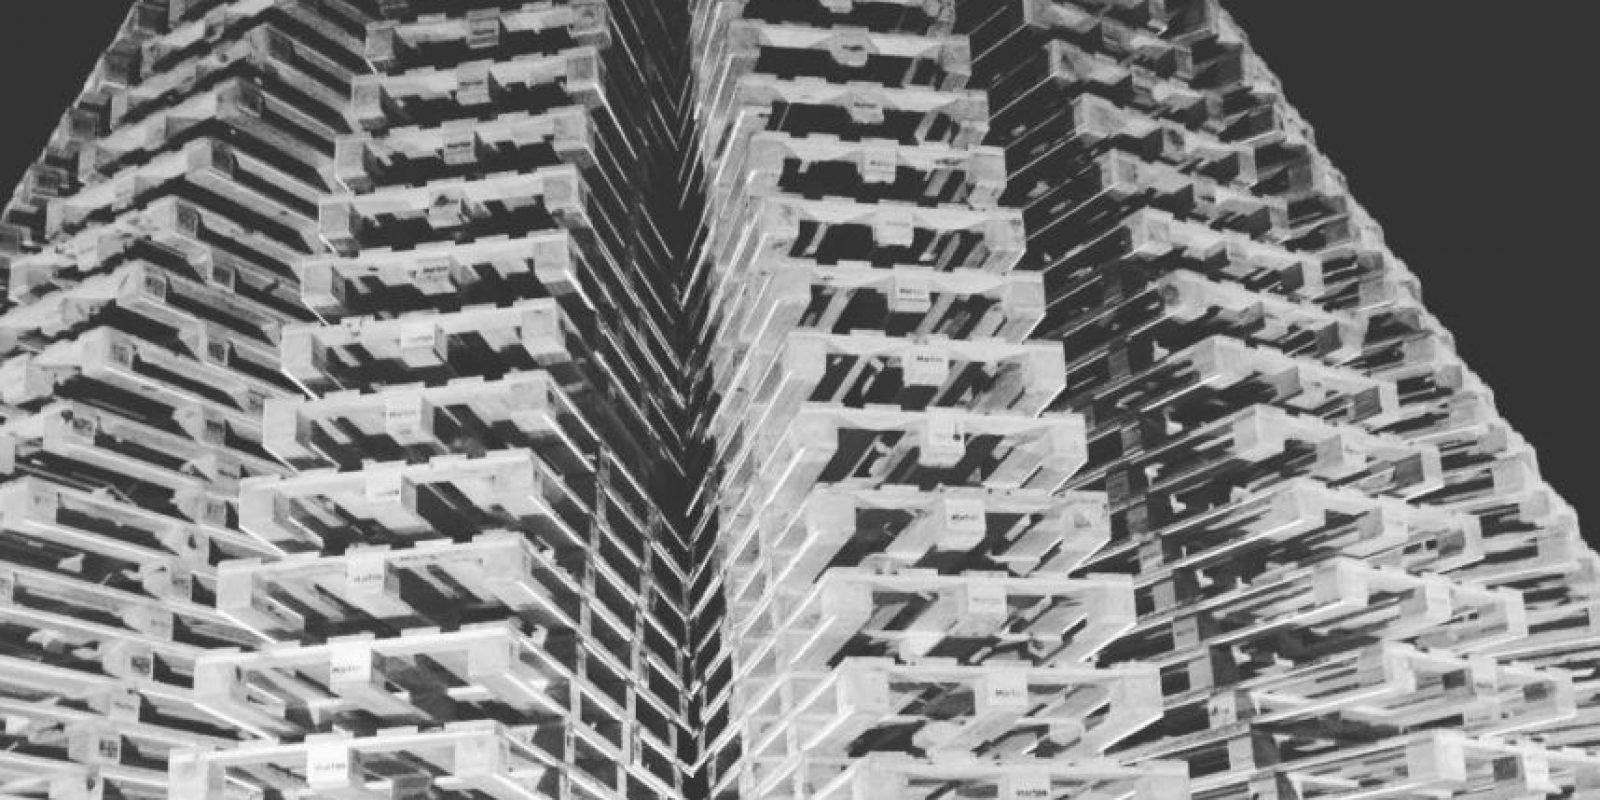 Se usaron 1200 estibas y 3 mil tornillos para construir este árbol, que pesa 28 mil kilogramos (aproximadamente 61200 libras). Foto:vía Instagram